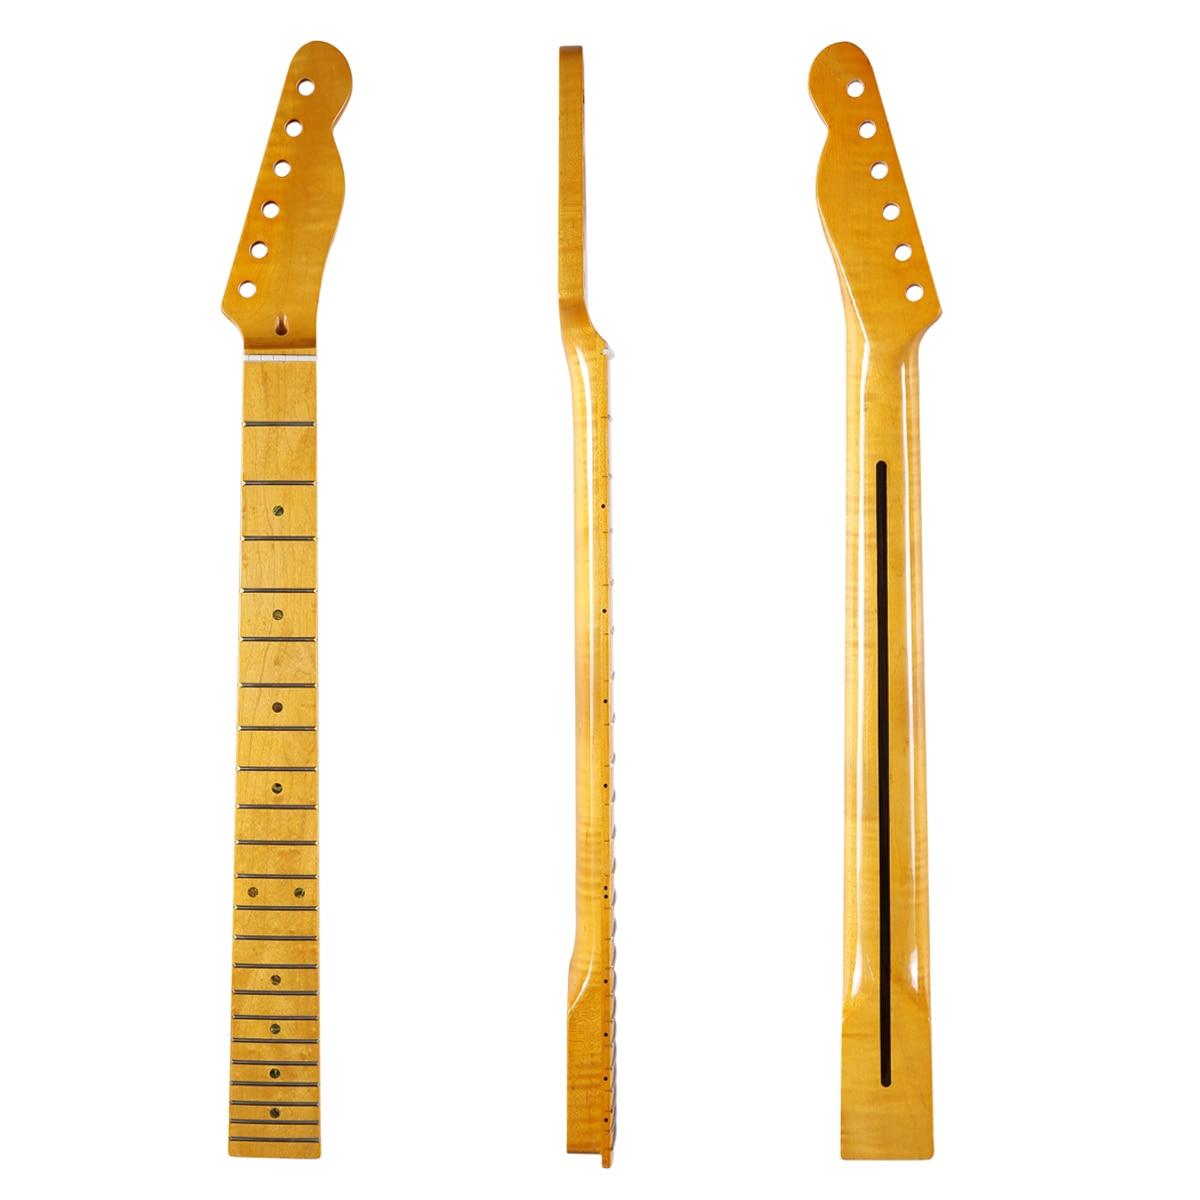 KAISH 22 frette brillant canadien tigre flamme érable télé guitare cou avec incrustation de coquille d'ormeau et écrou d'os pour Telecaster